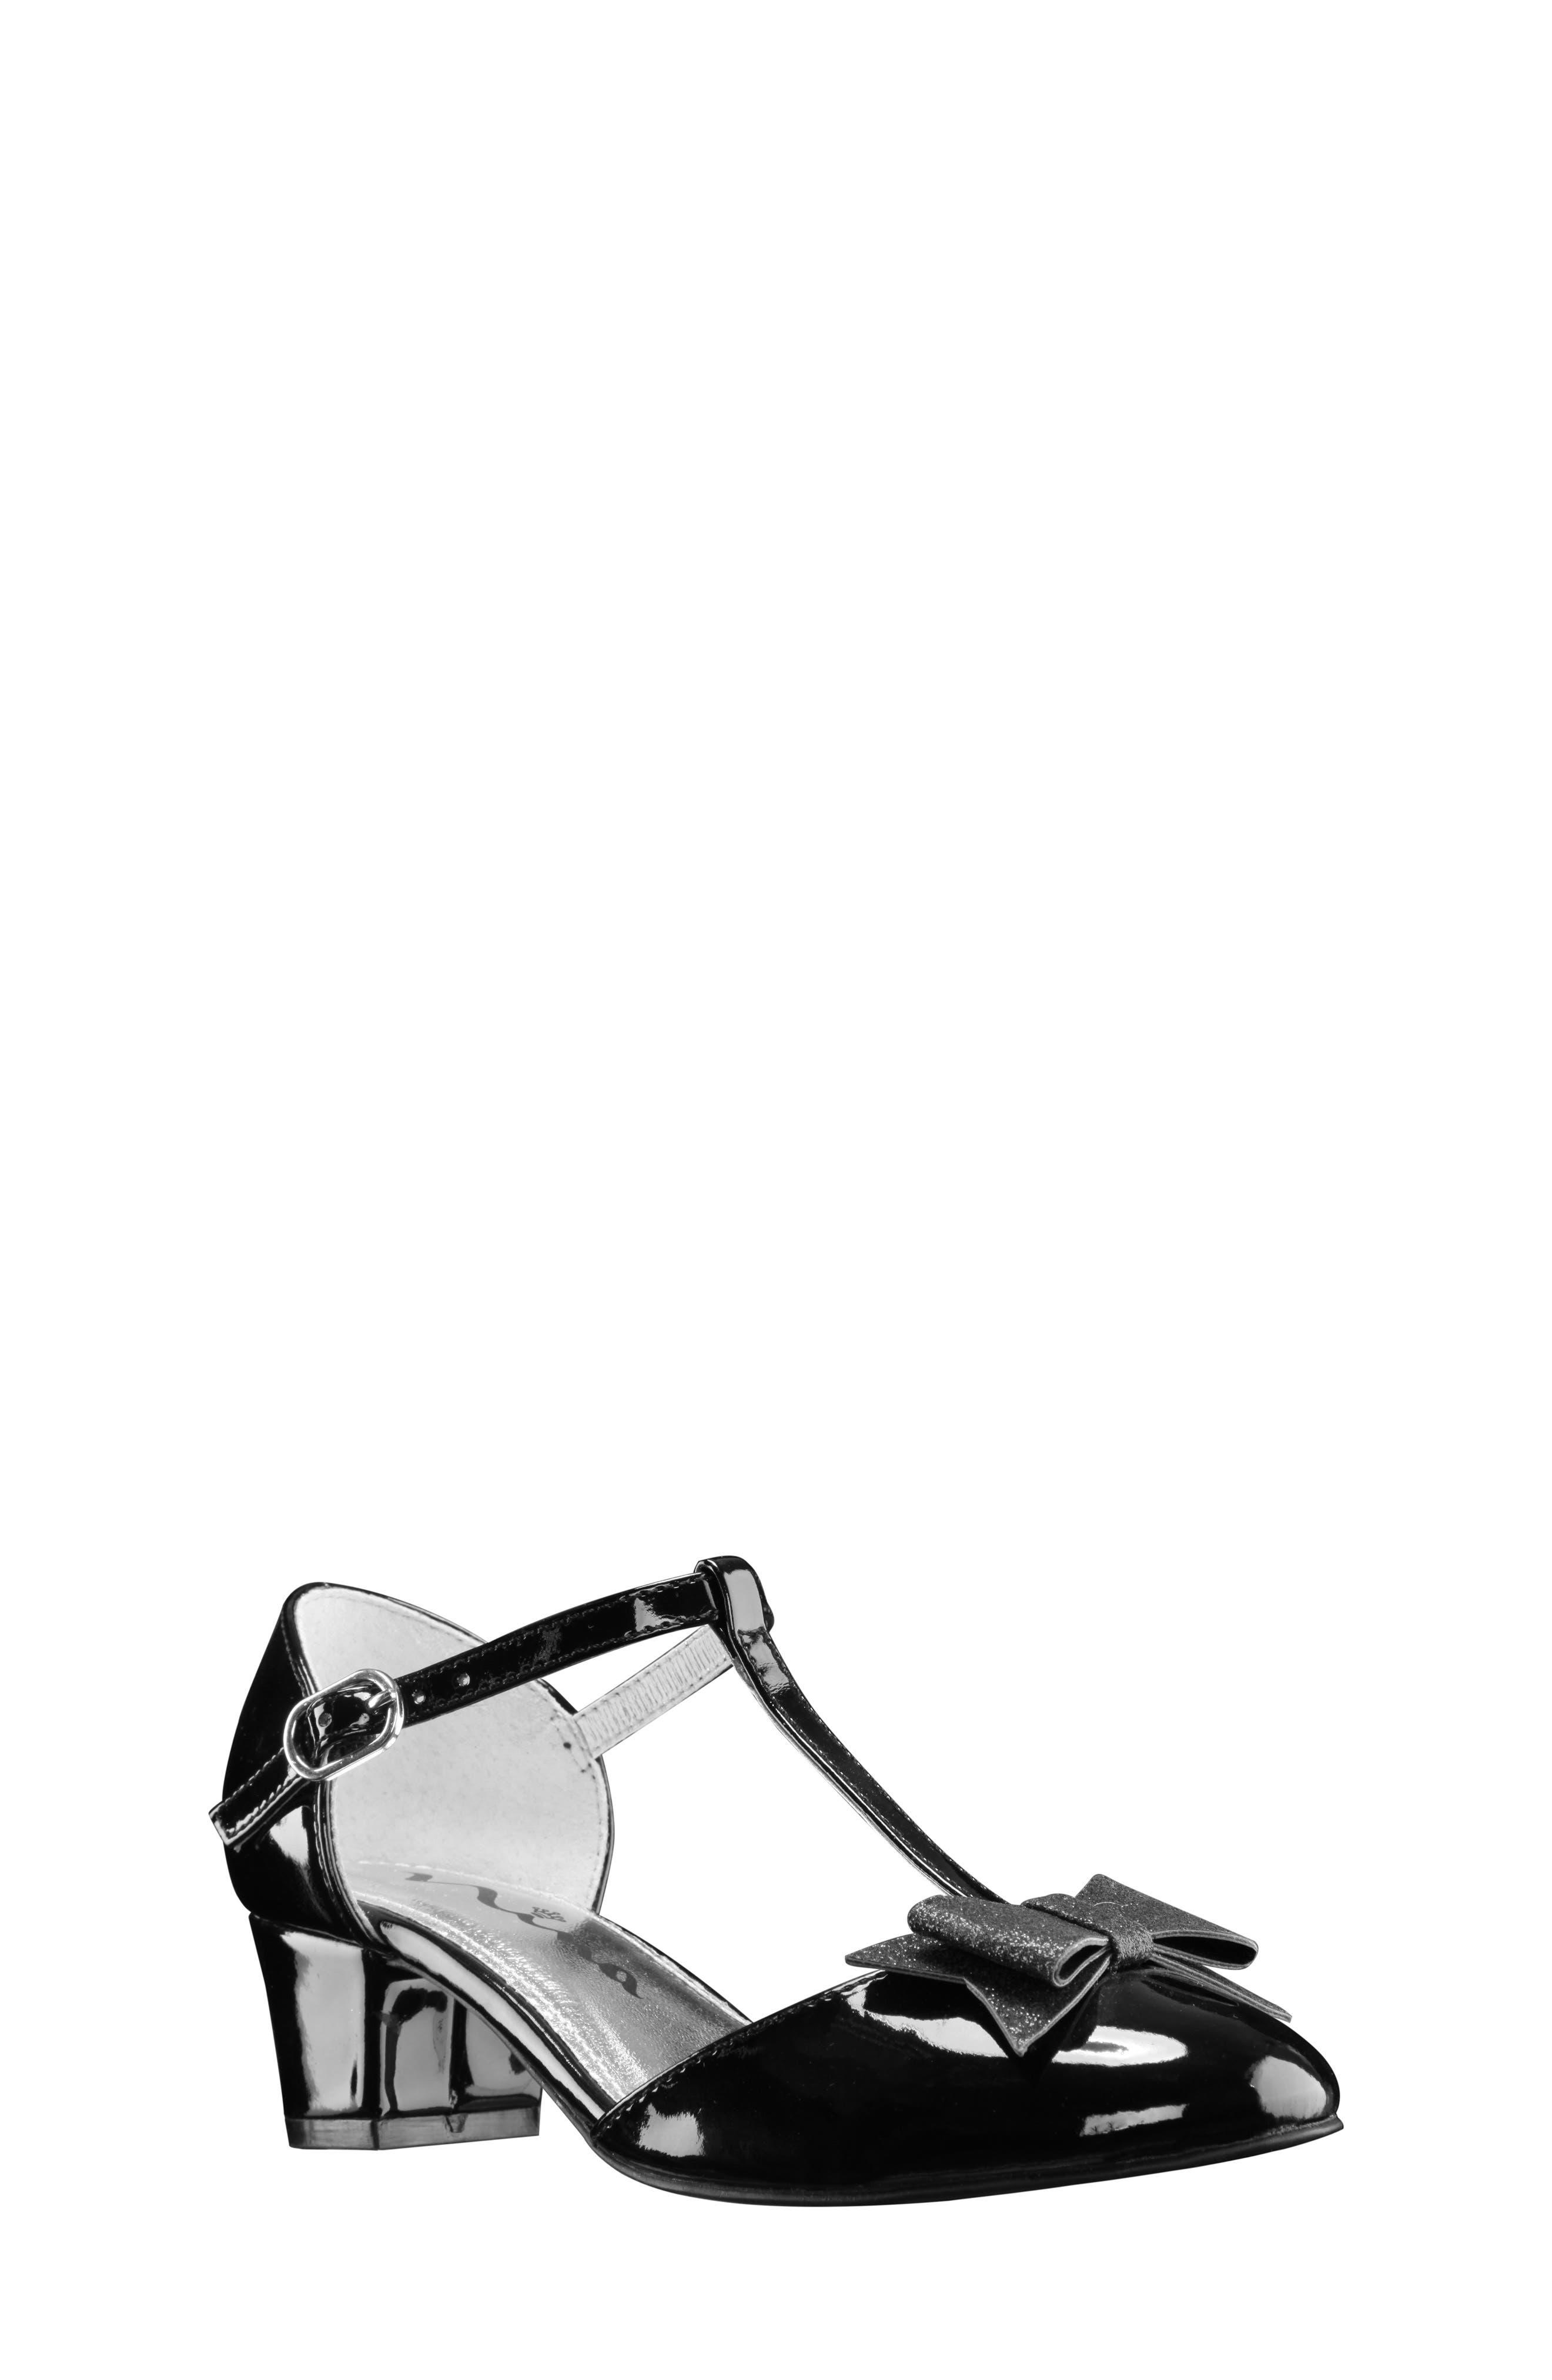 Marvette T-Strap Sandal,                             Main thumbnail 1, color,                             Black Patent